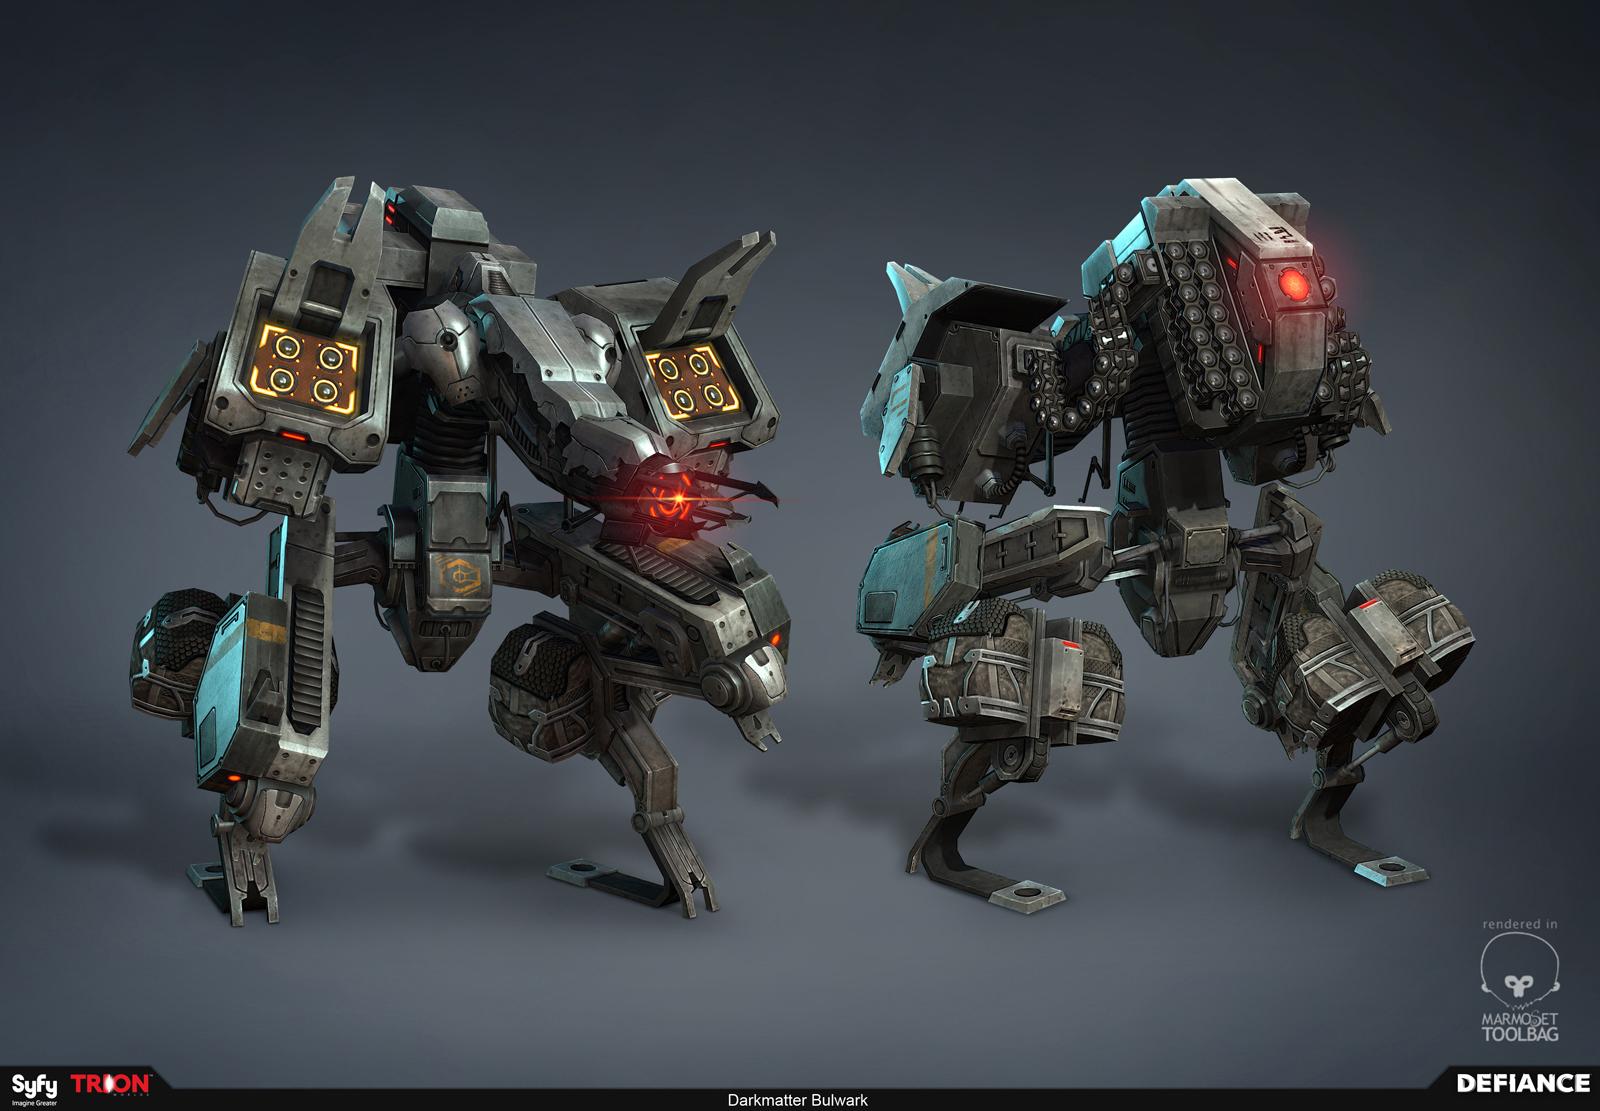 Npc darkmatter bulwark